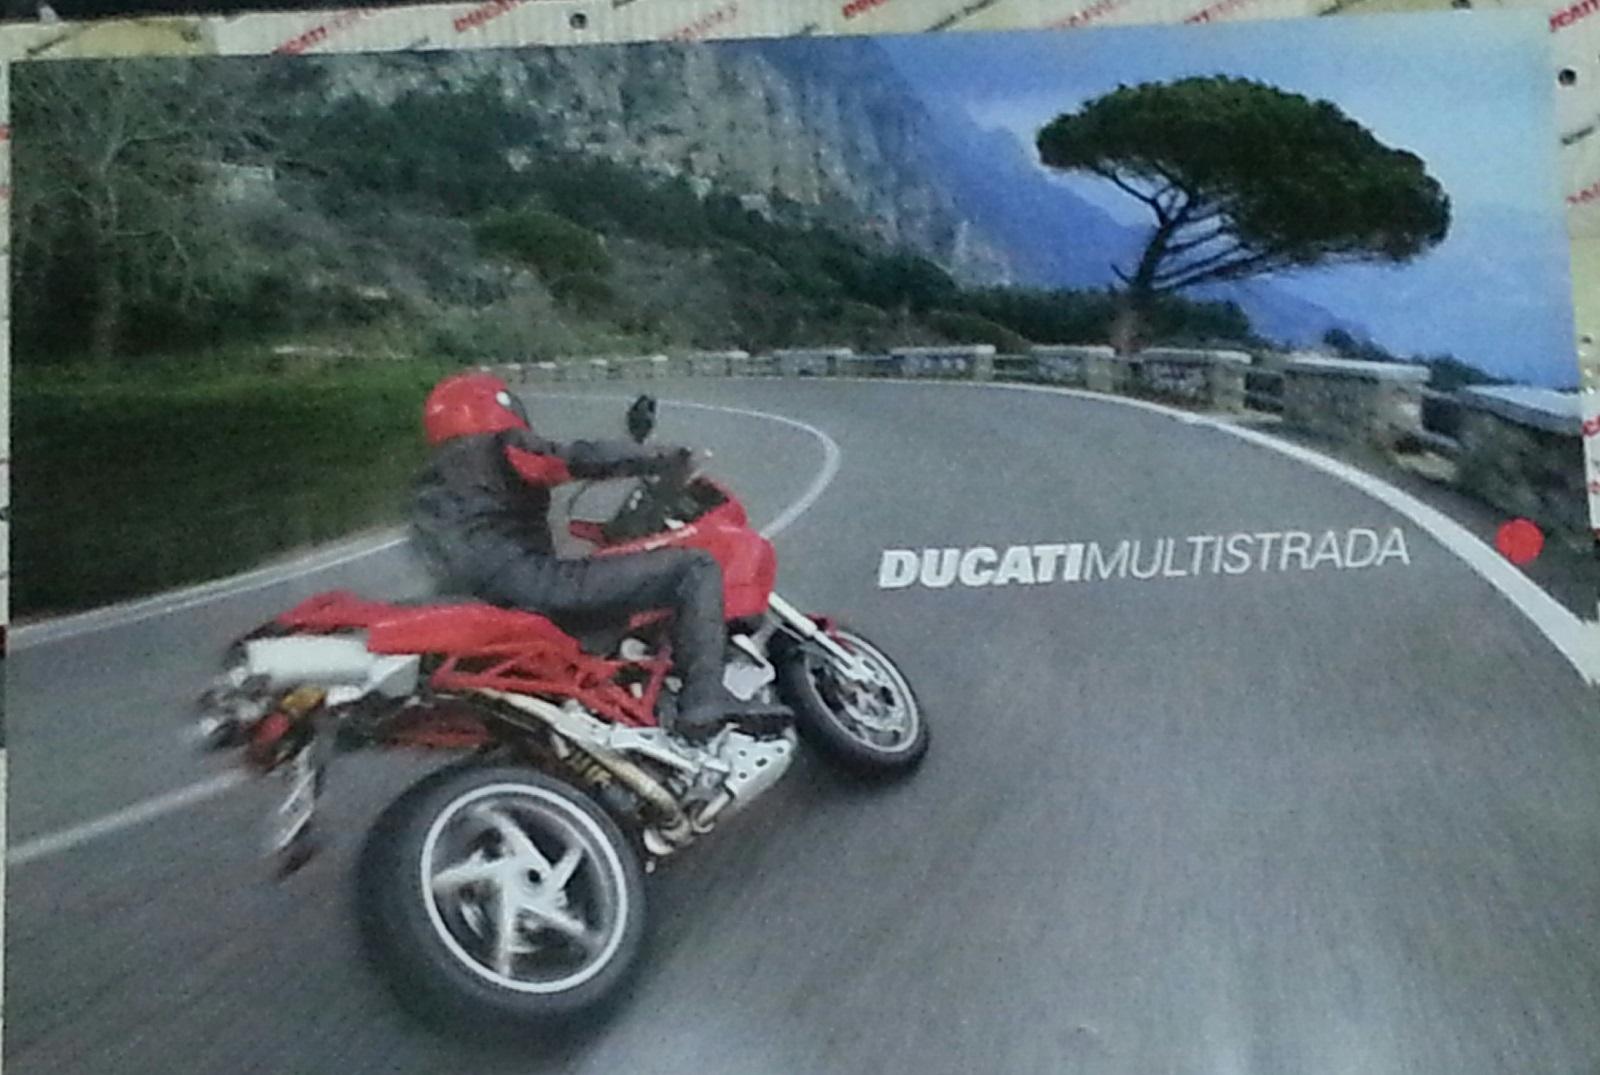 OEM Ducati Red Multistrada Poster